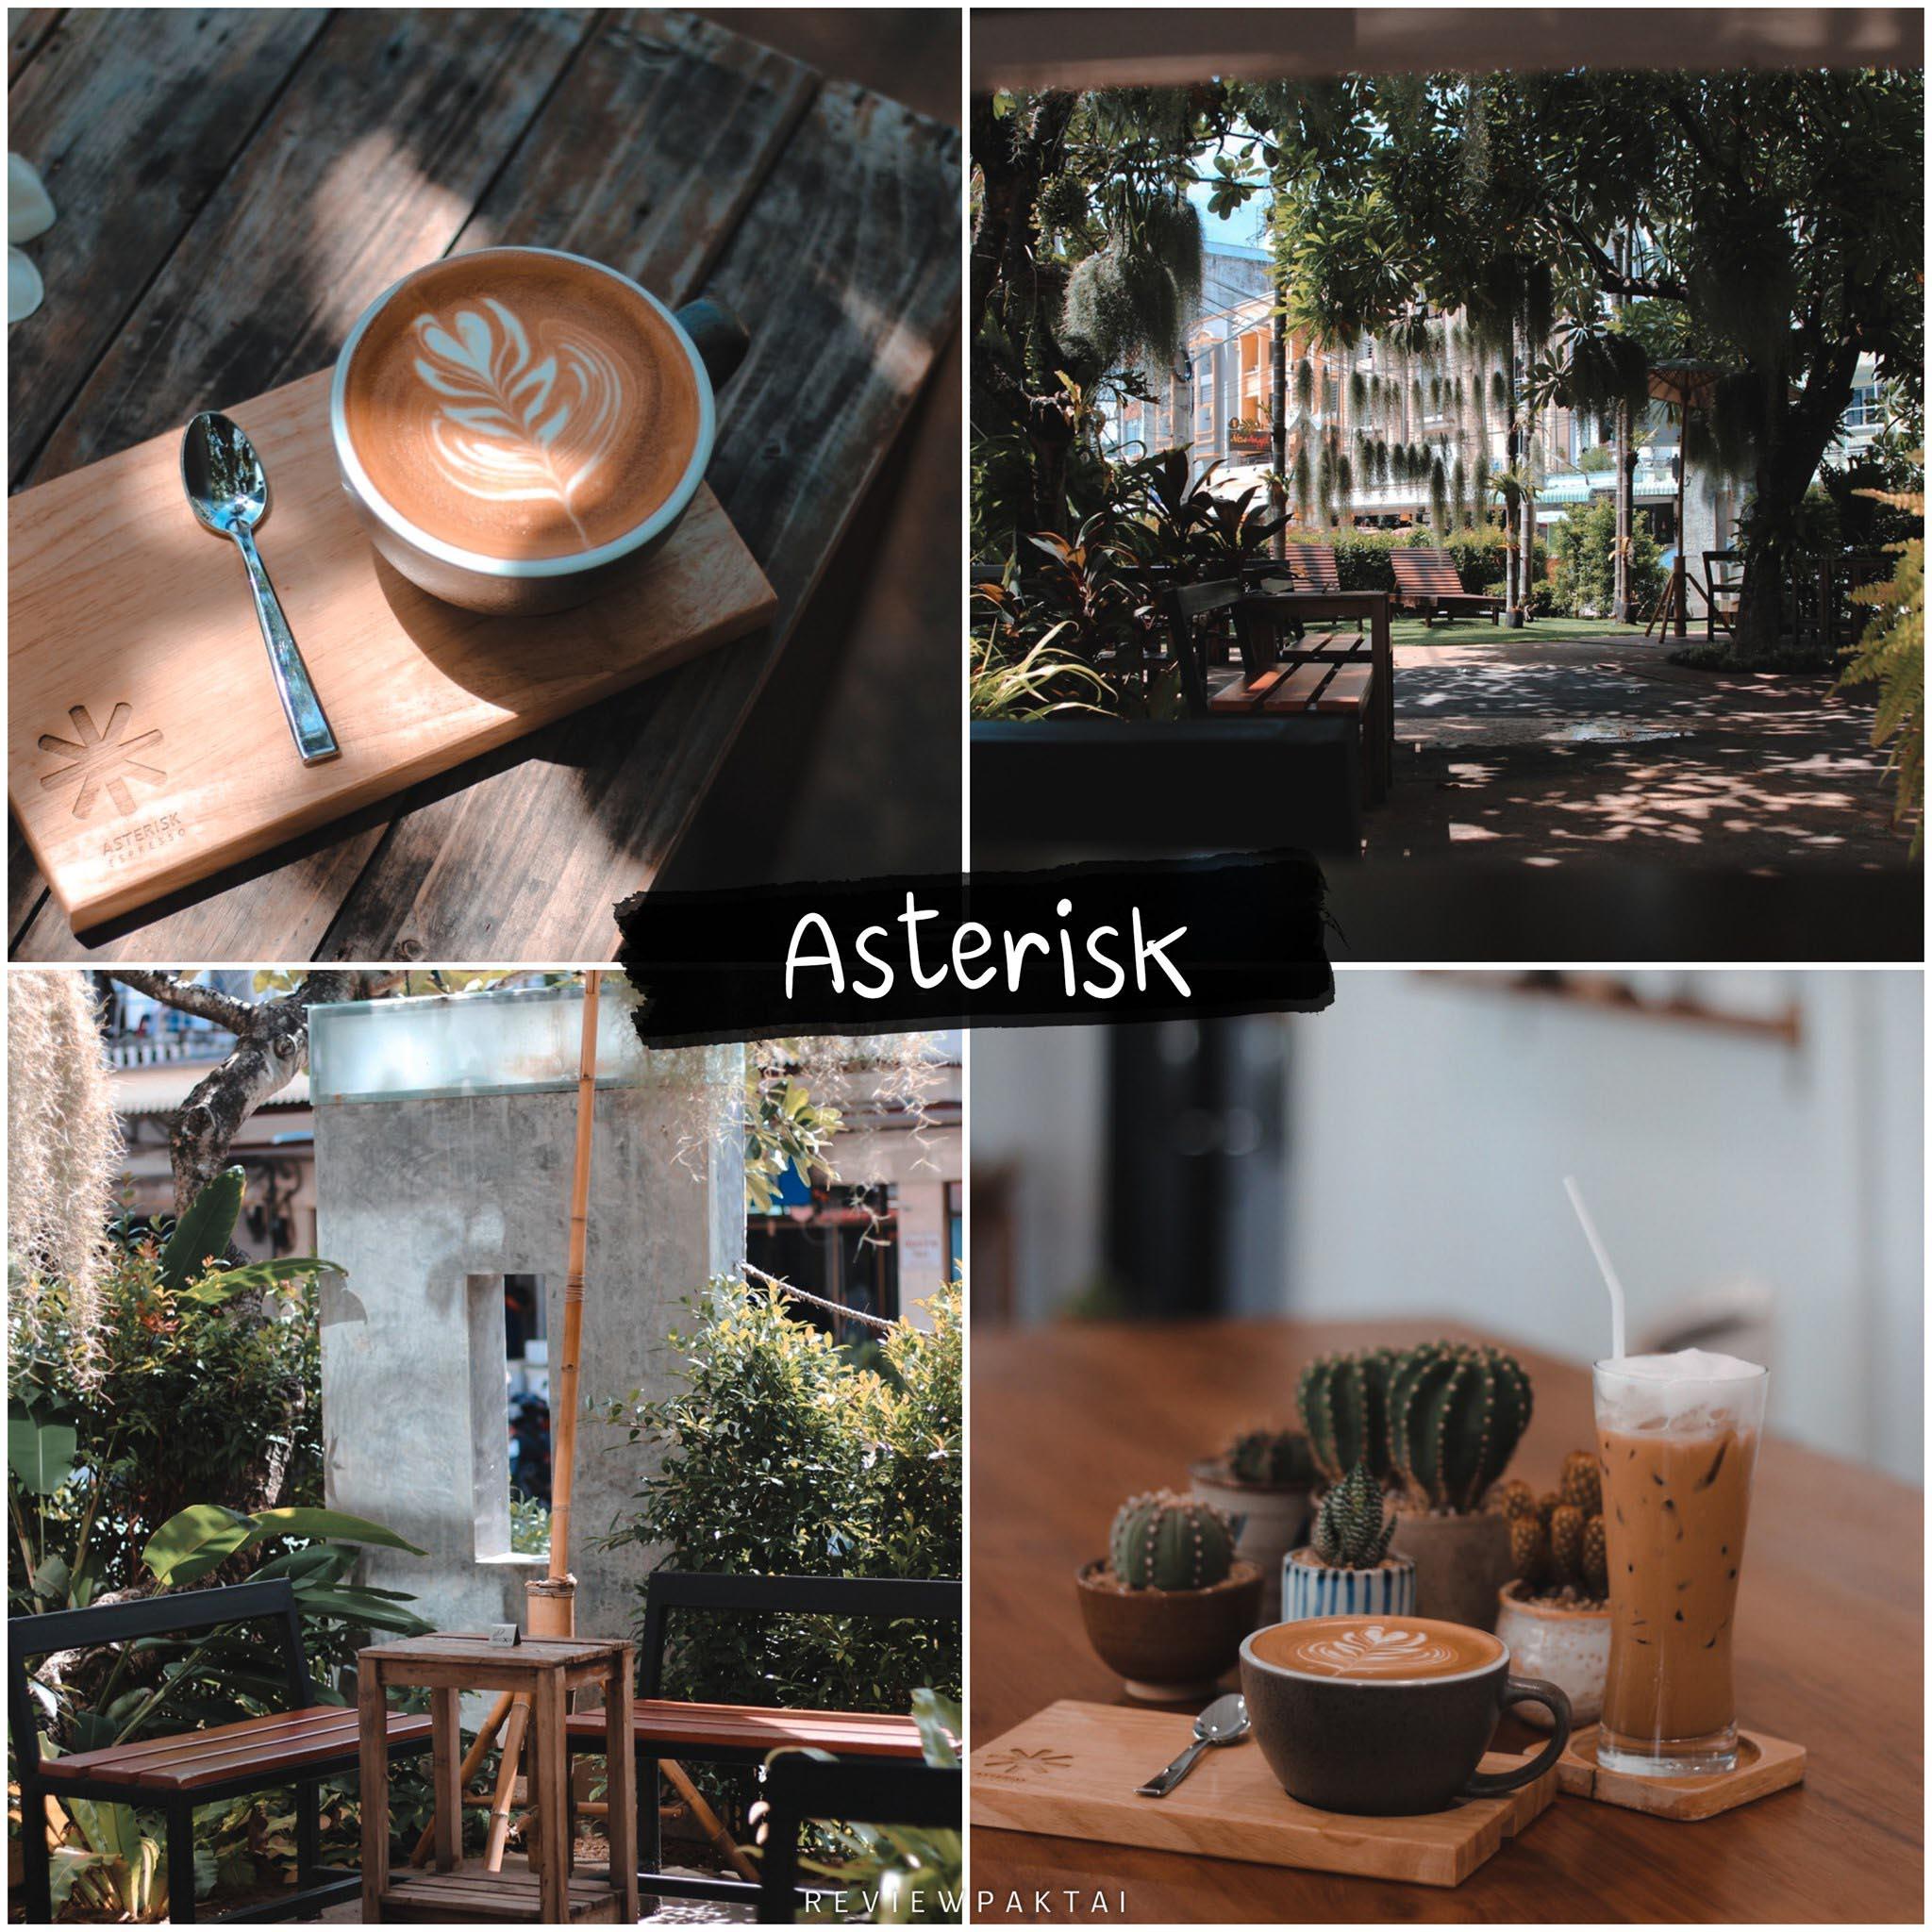 จุดเช็คอินสายชิล-Asterisk-espresso-กาแฟดี-ร้านมีทีเด็ดเรื่องกาแฟ-คอกาแฟจะปลื้มแน่นอนที่นี้-ที่ร้านมีกาแฟหลายสายพันธุ์ให้เลือกให้ลอง-ไม่มาคือพลาดมากแม่-- คลิกที่นี่ ภูเก็ต,คาเฟ่,ที่เที่ยว,ร้านกาแฟ,เด็ด,อร่อย,ต้องลอง